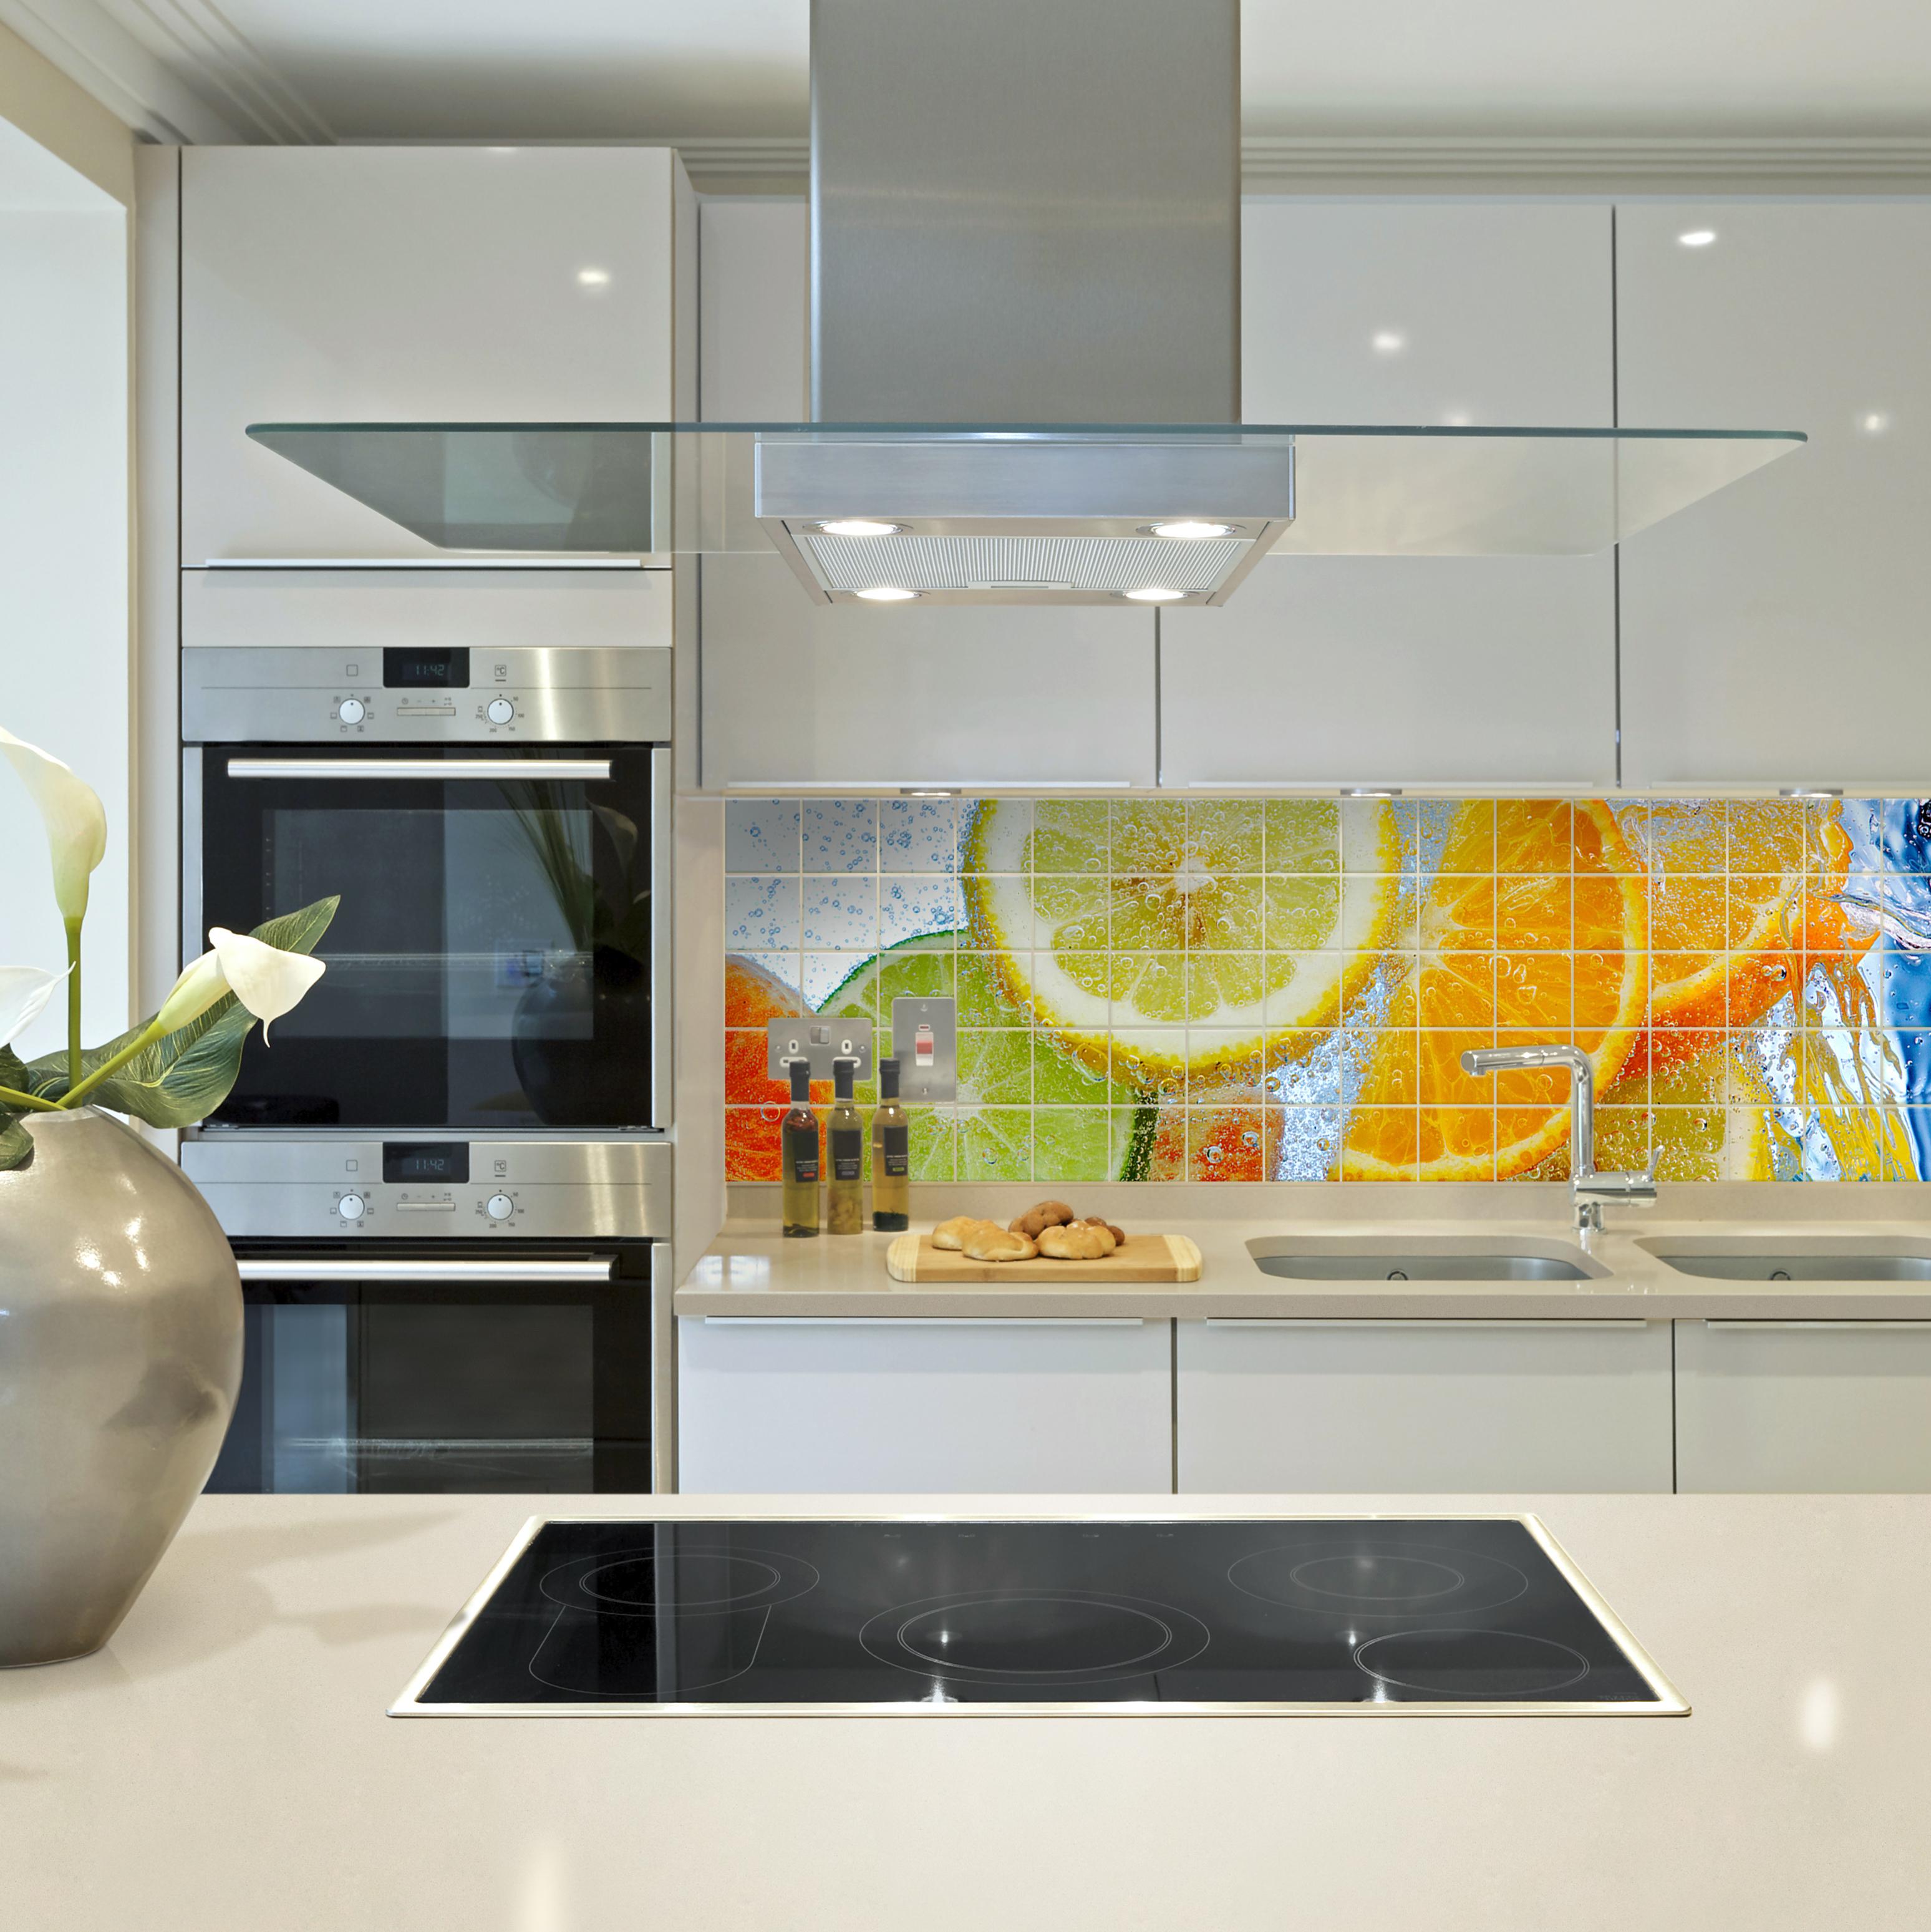 Фотоплитка на фартуке кухни